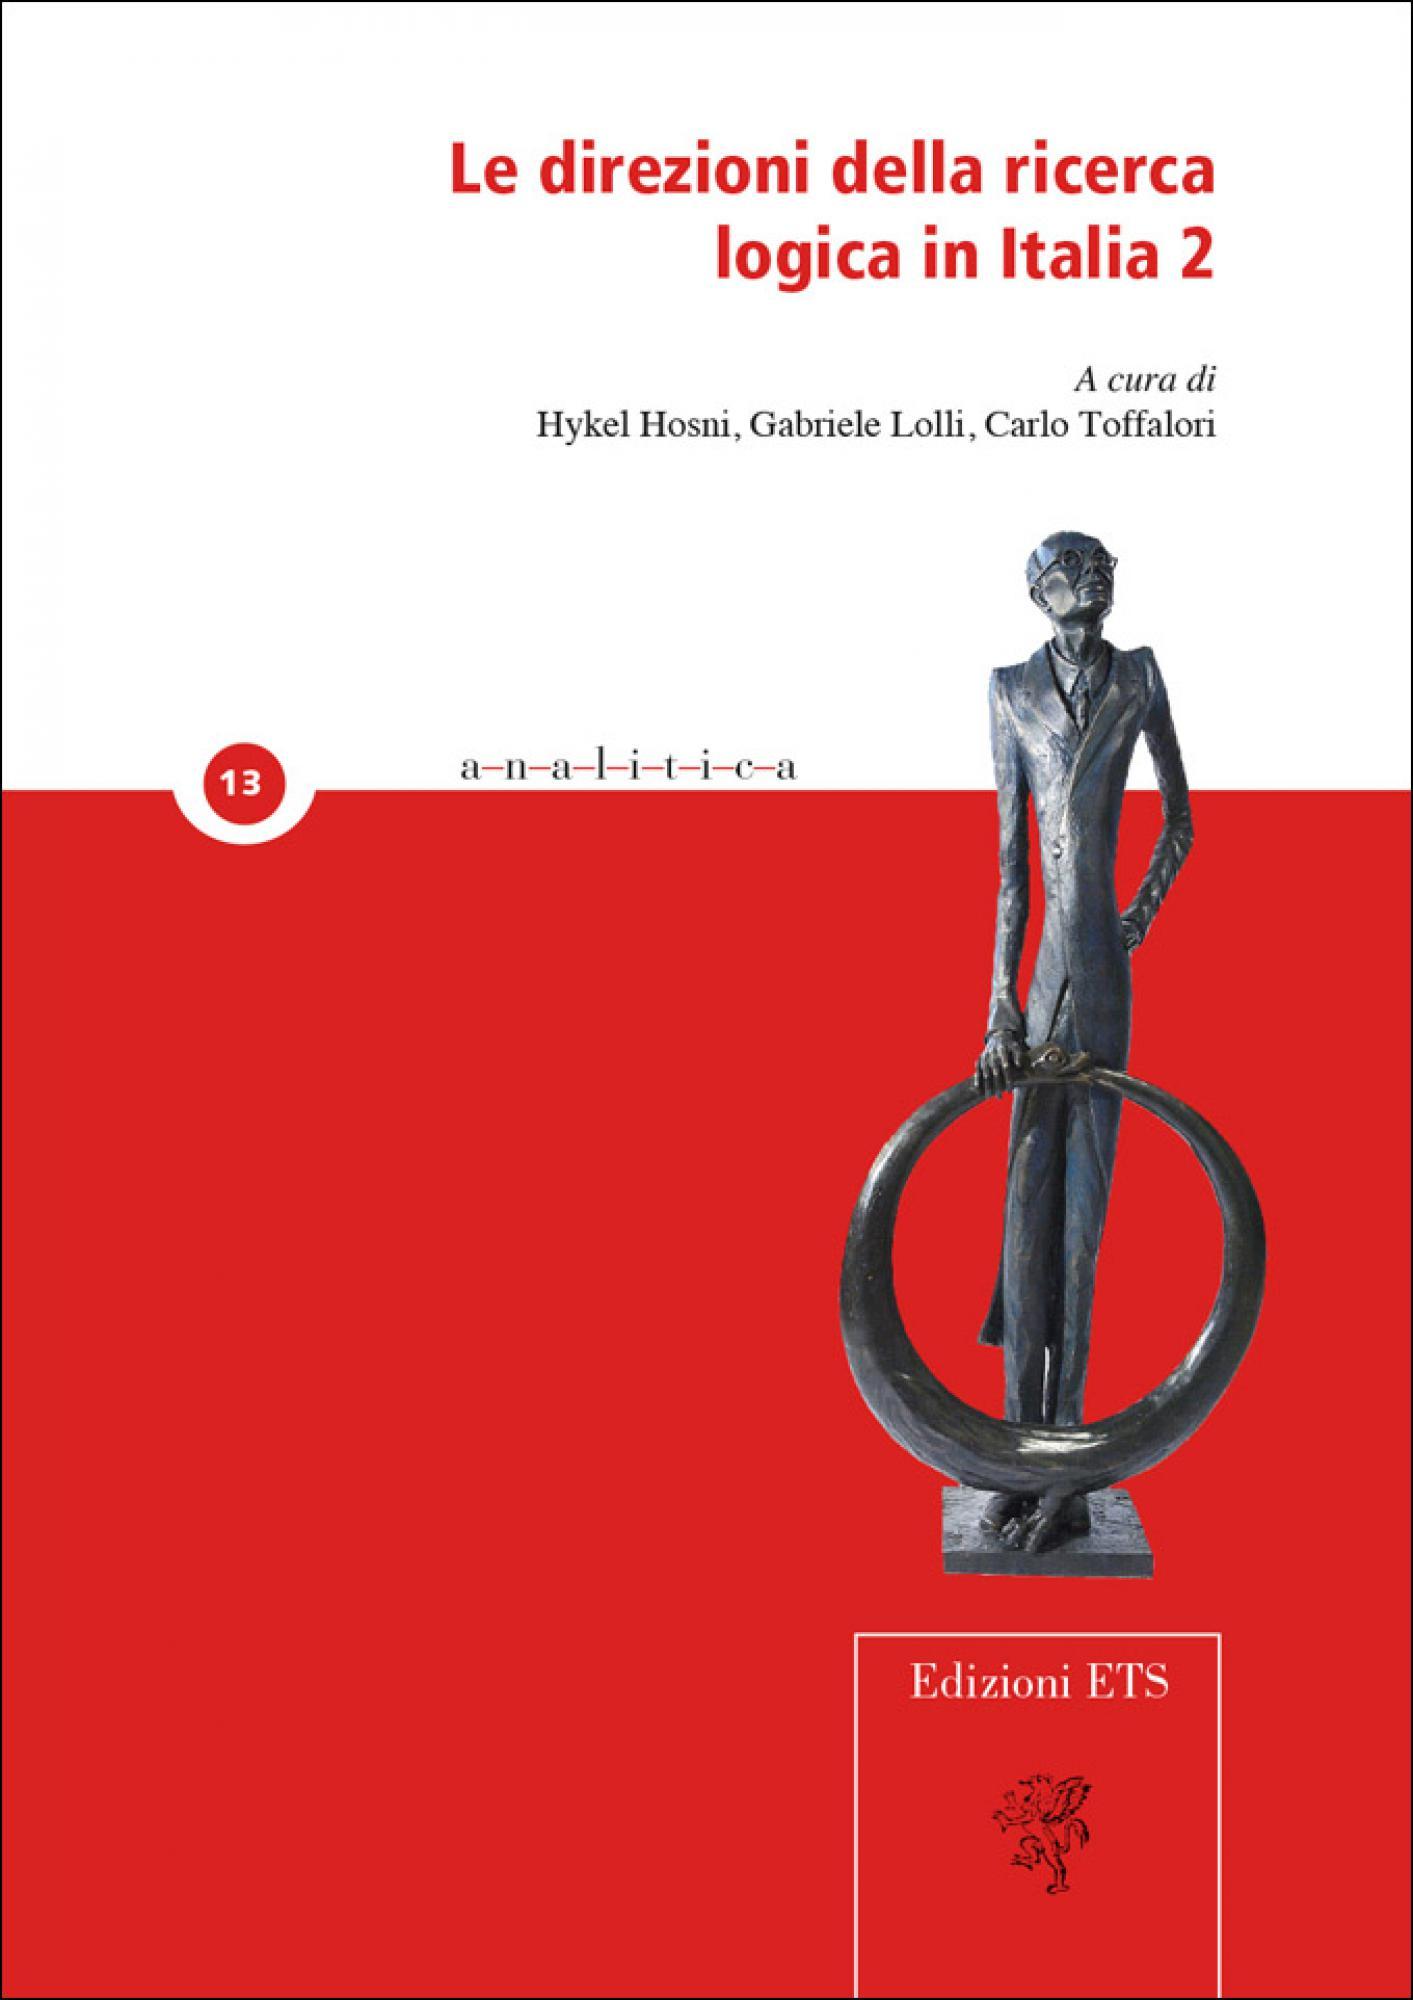 Le direzioni della ricerca logica in Italia 2